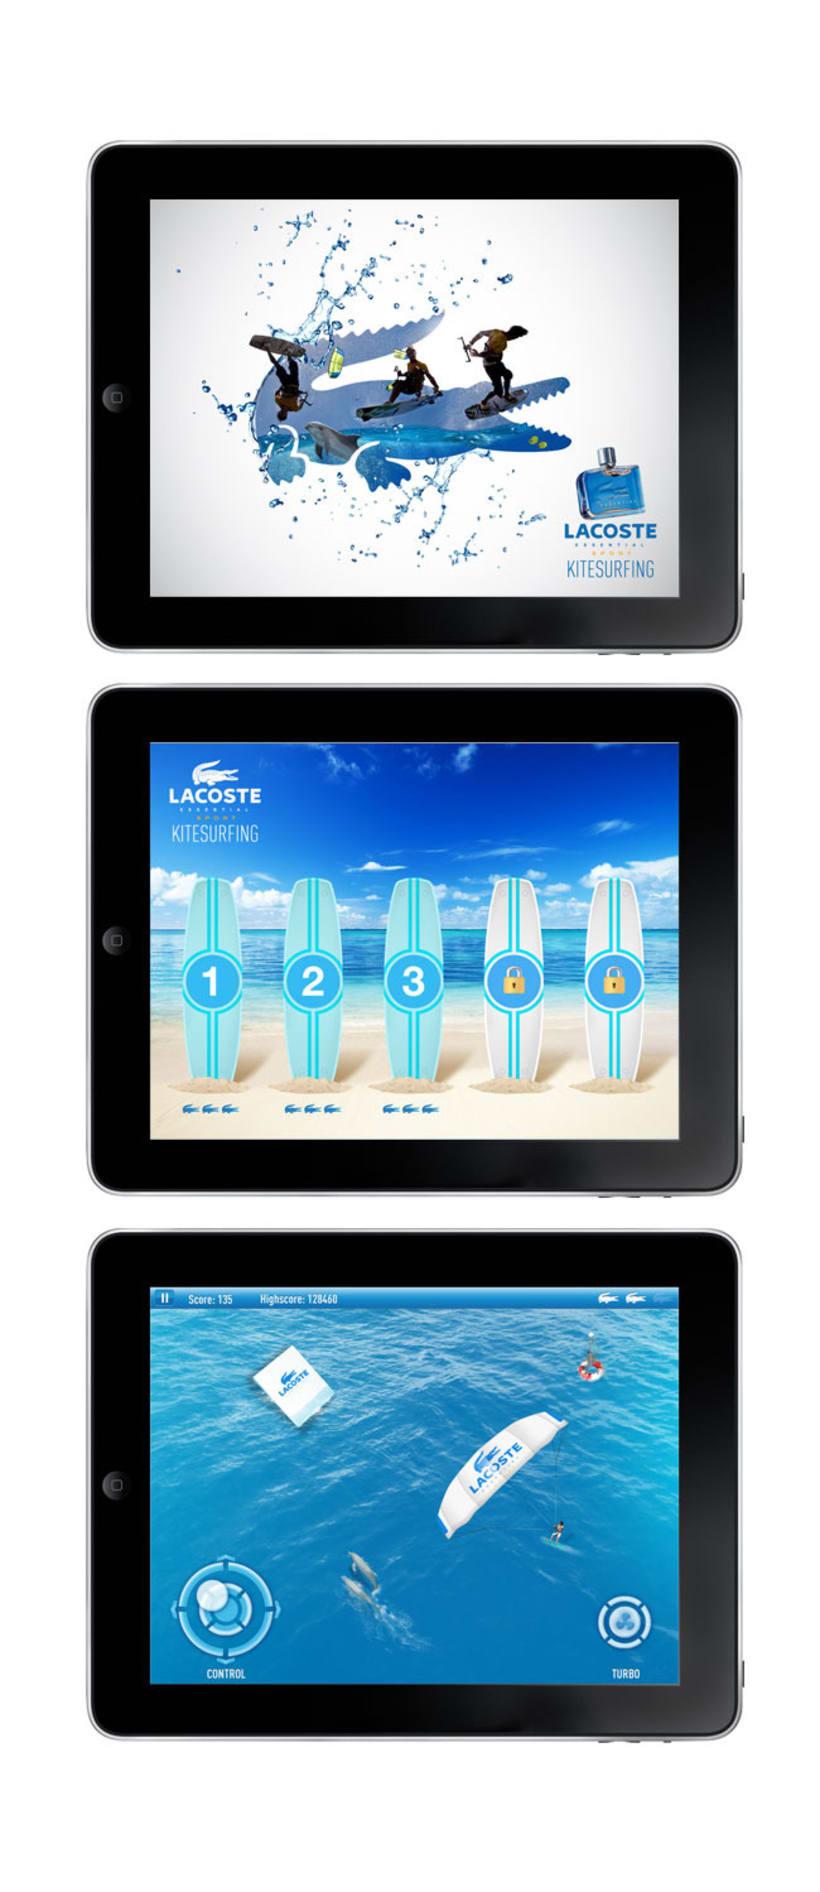 App Lacoste 1